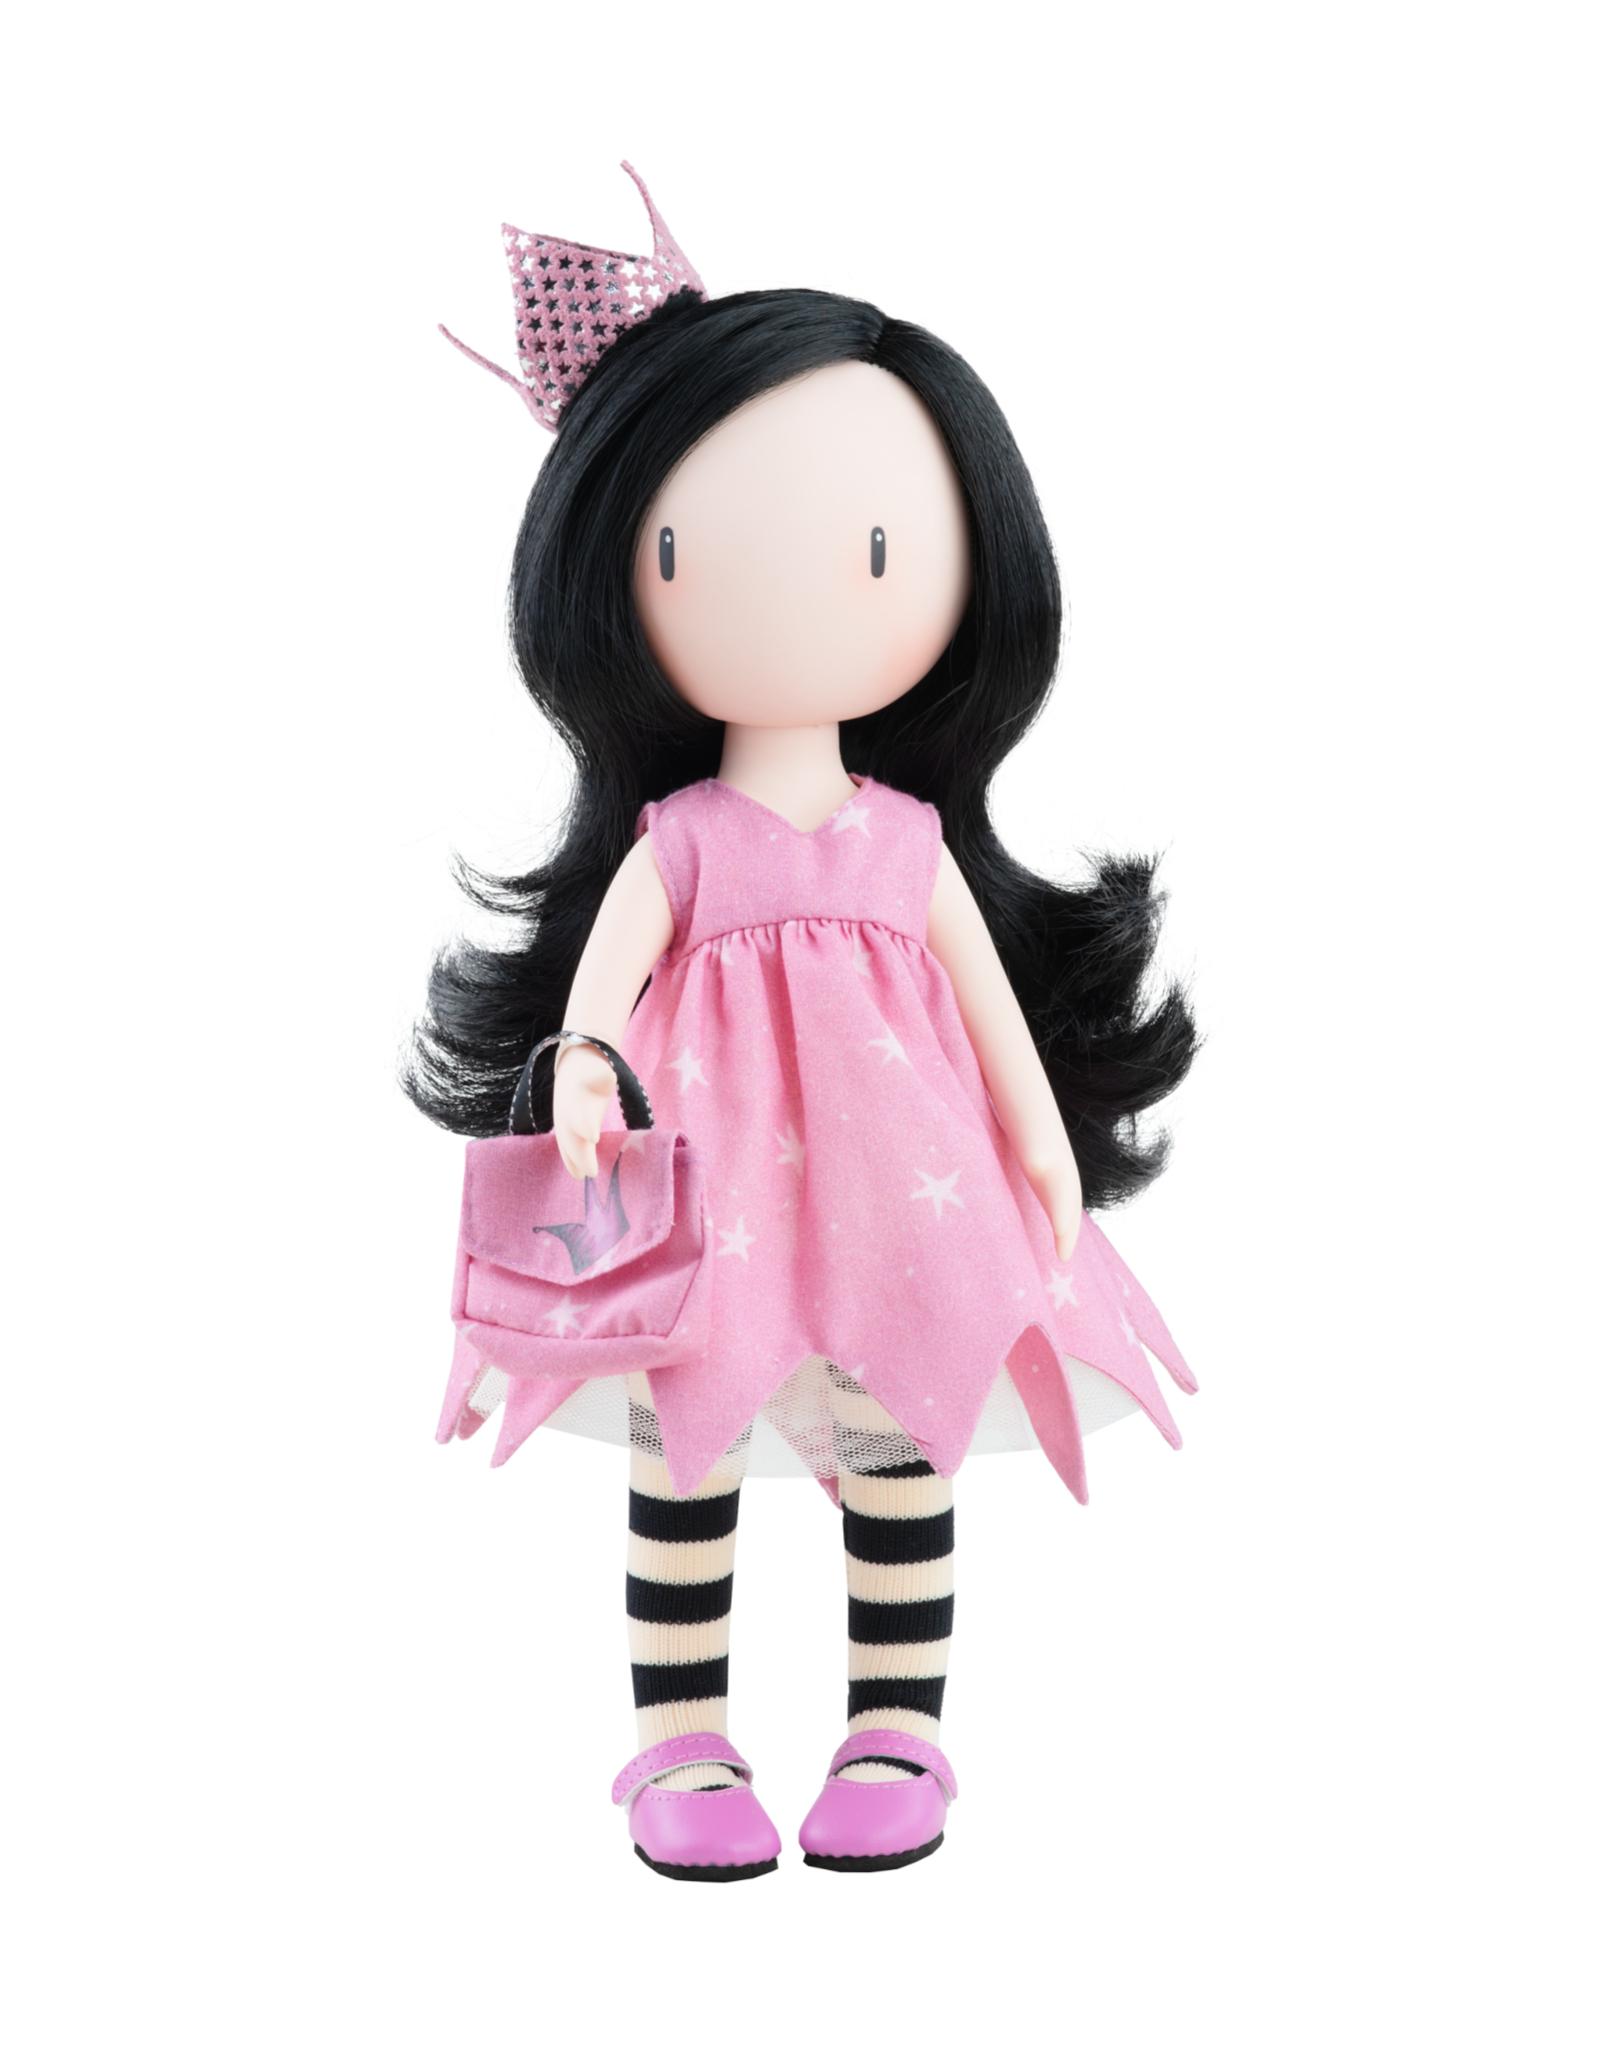 Paola Reina Gorjuss doll - Dreaming